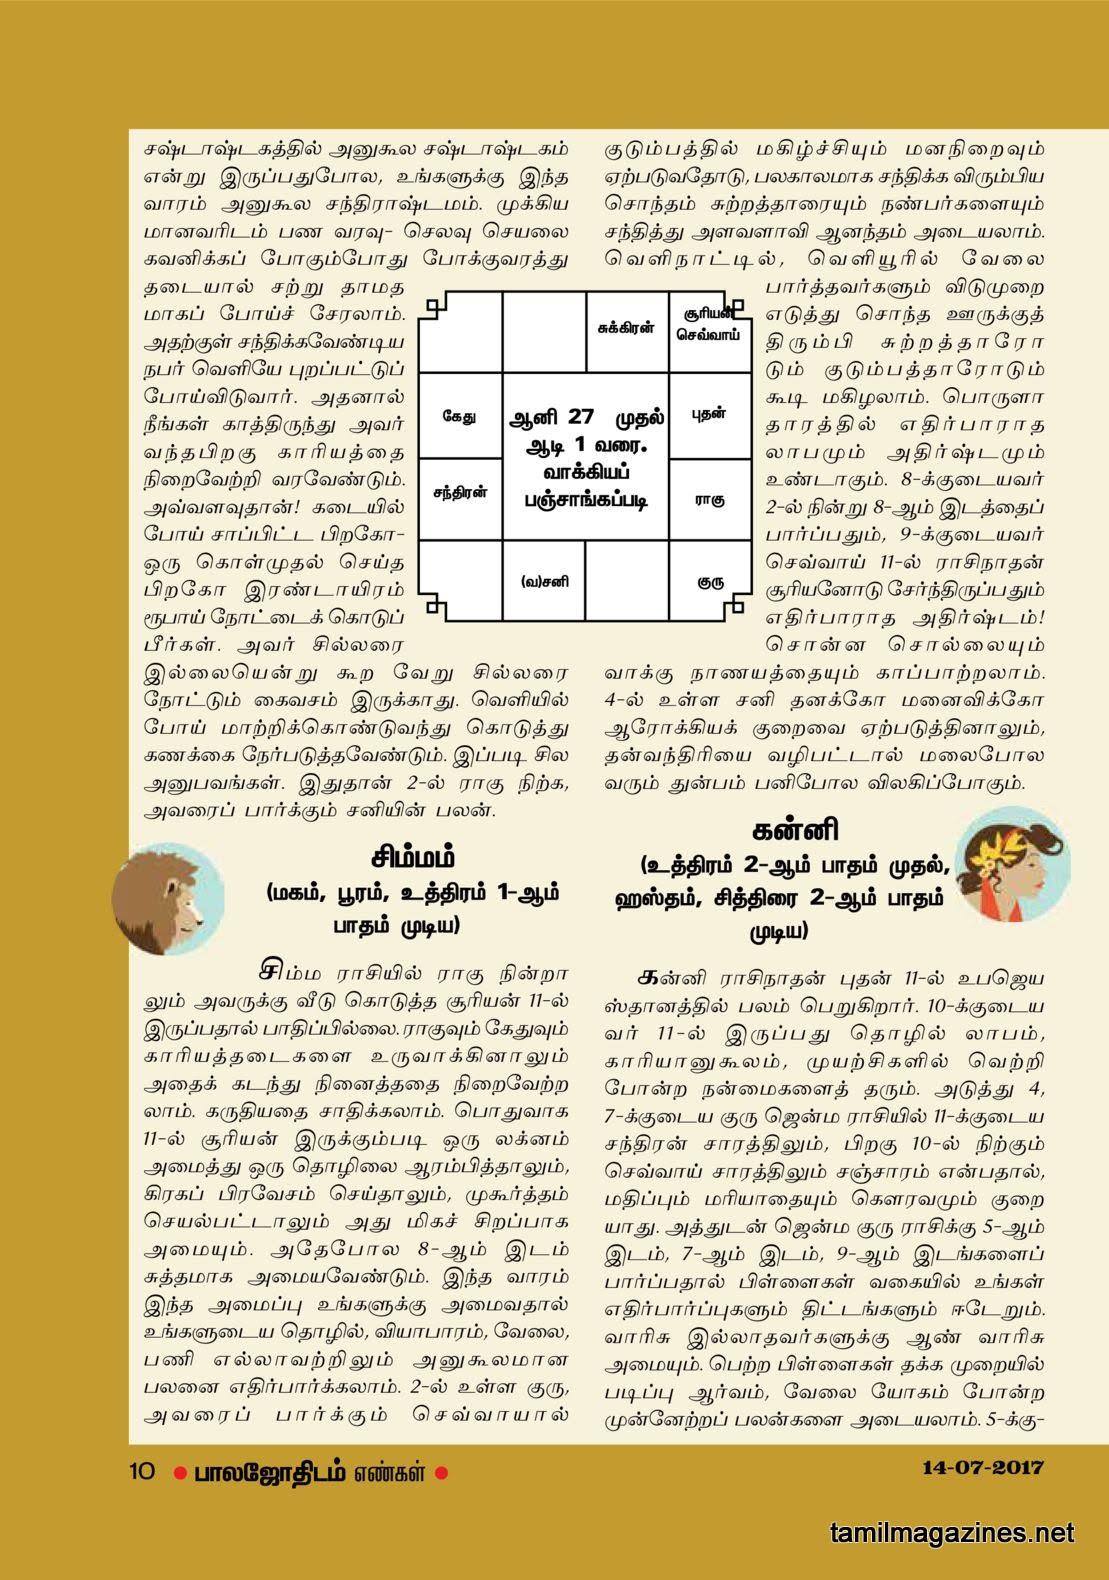 Balajothidam Raasi Palan July 11-17, 2017